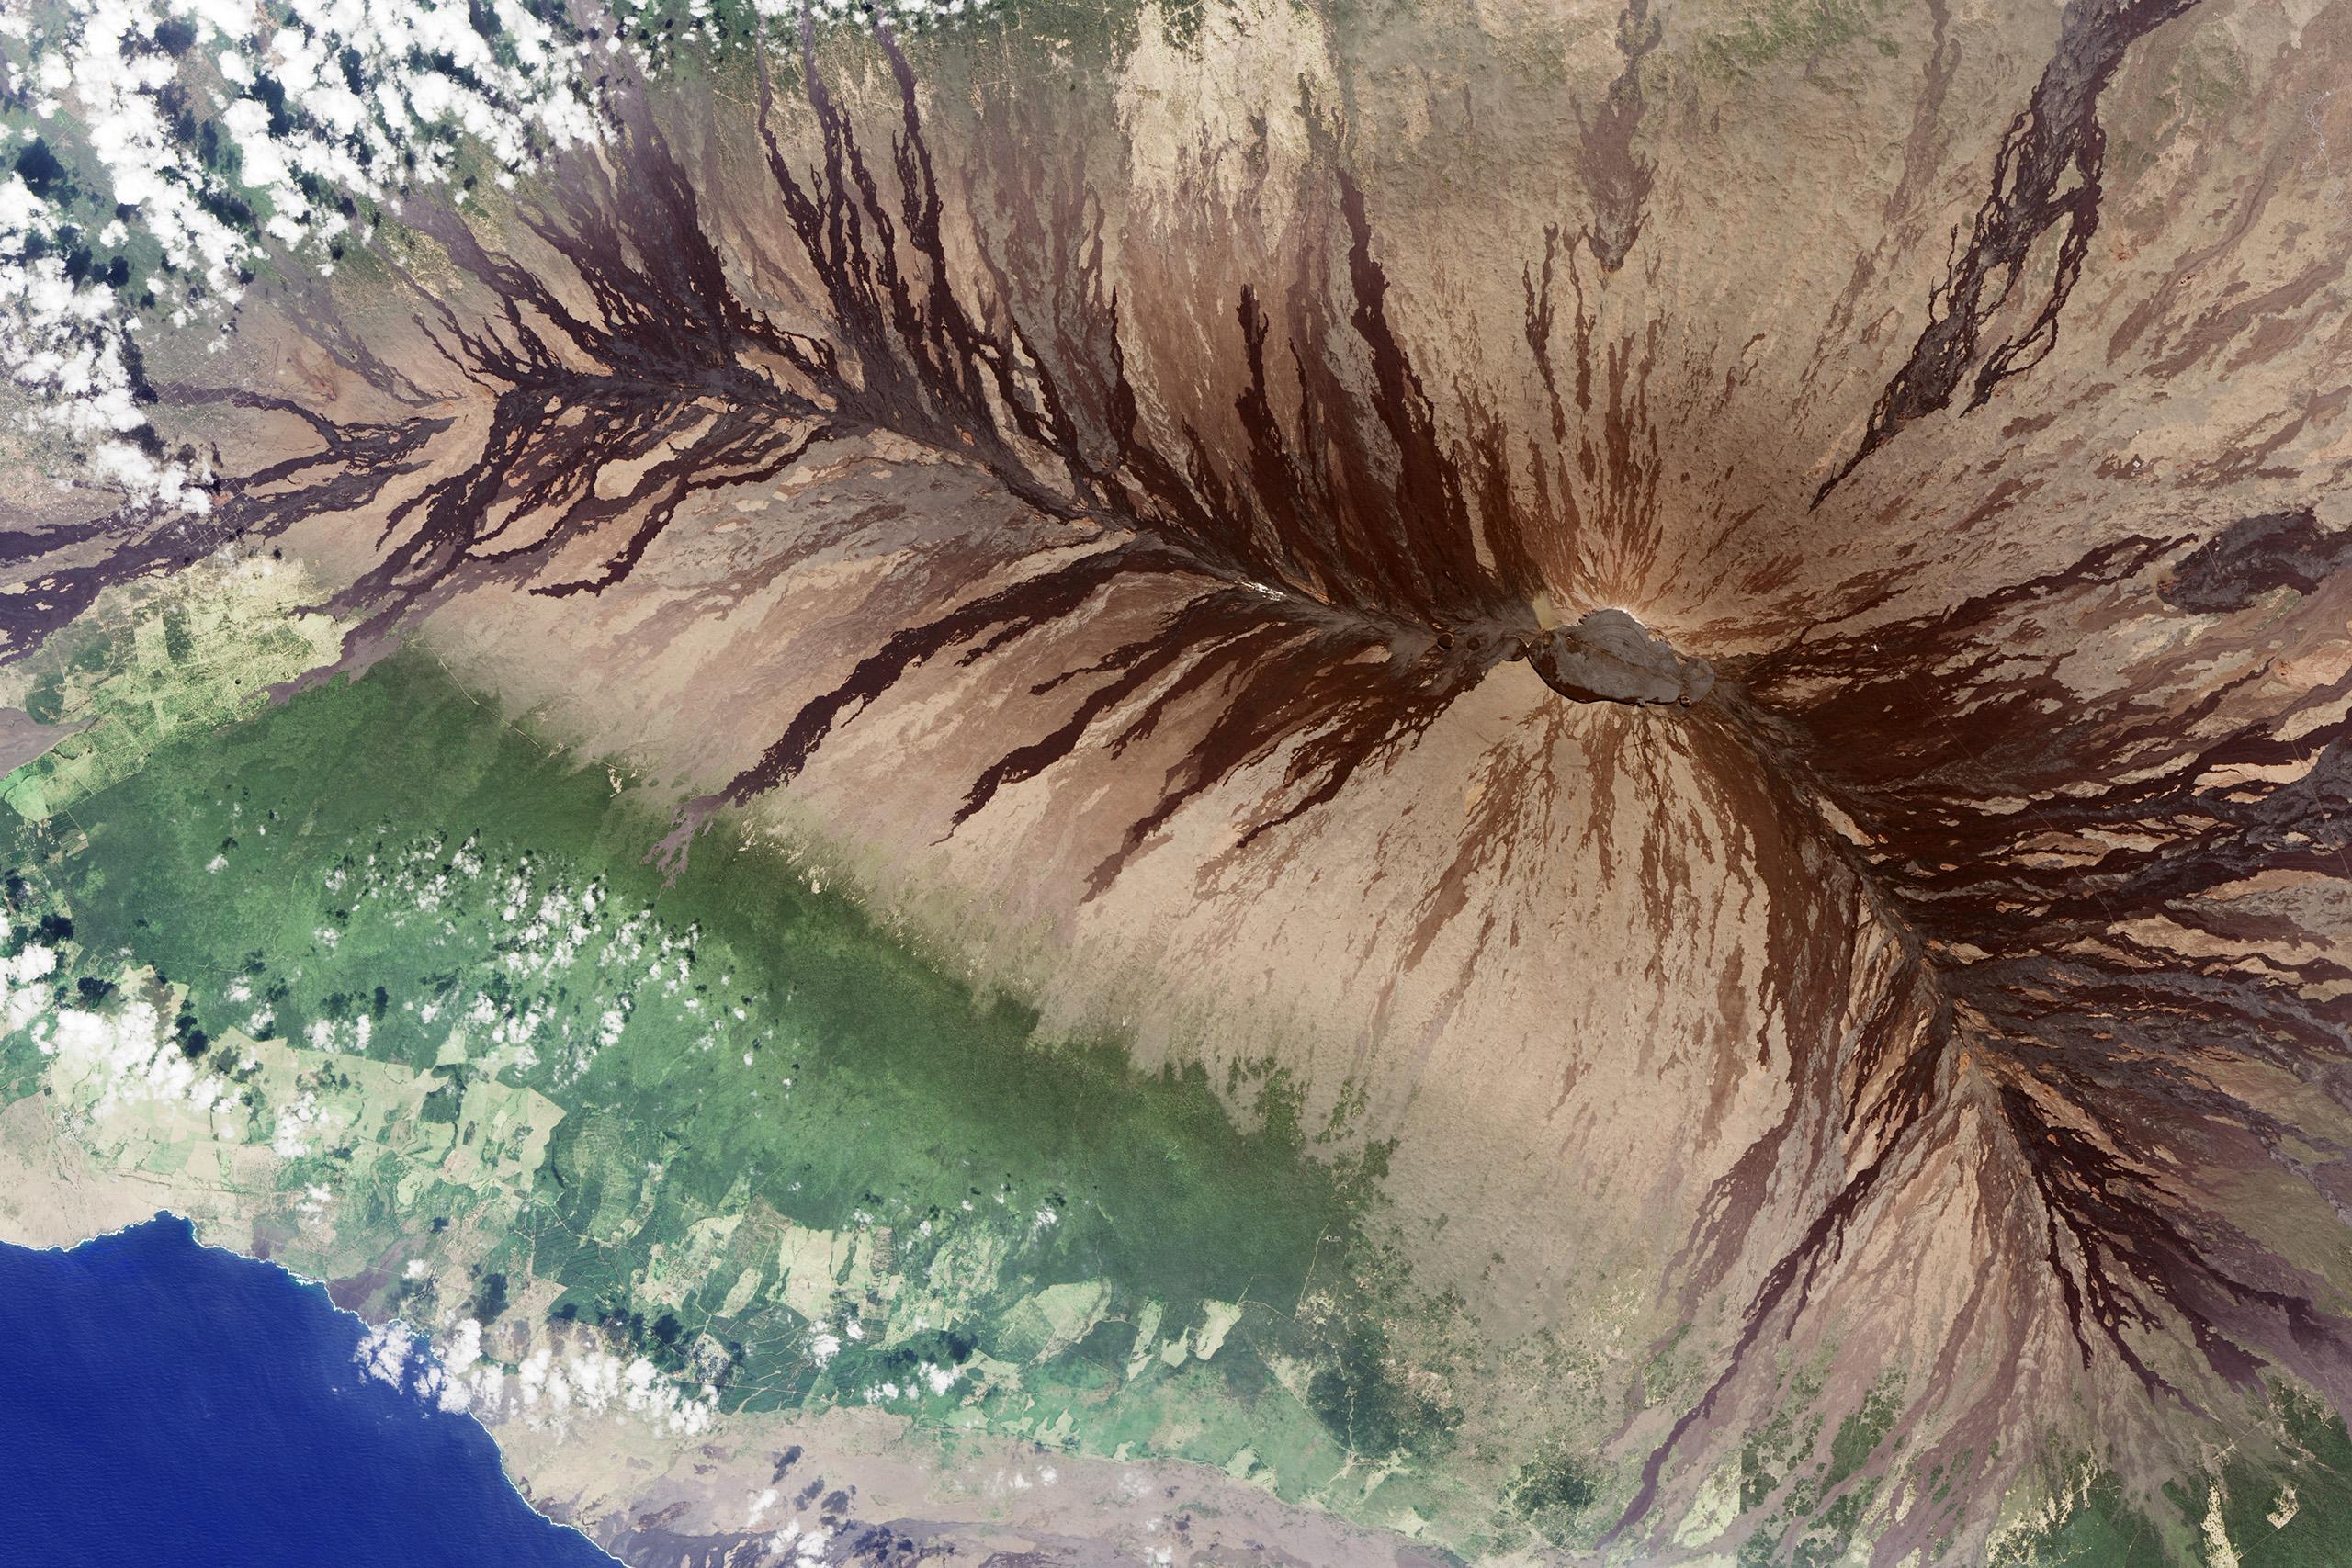 Volcanoes National Park, Jan.18, 2014